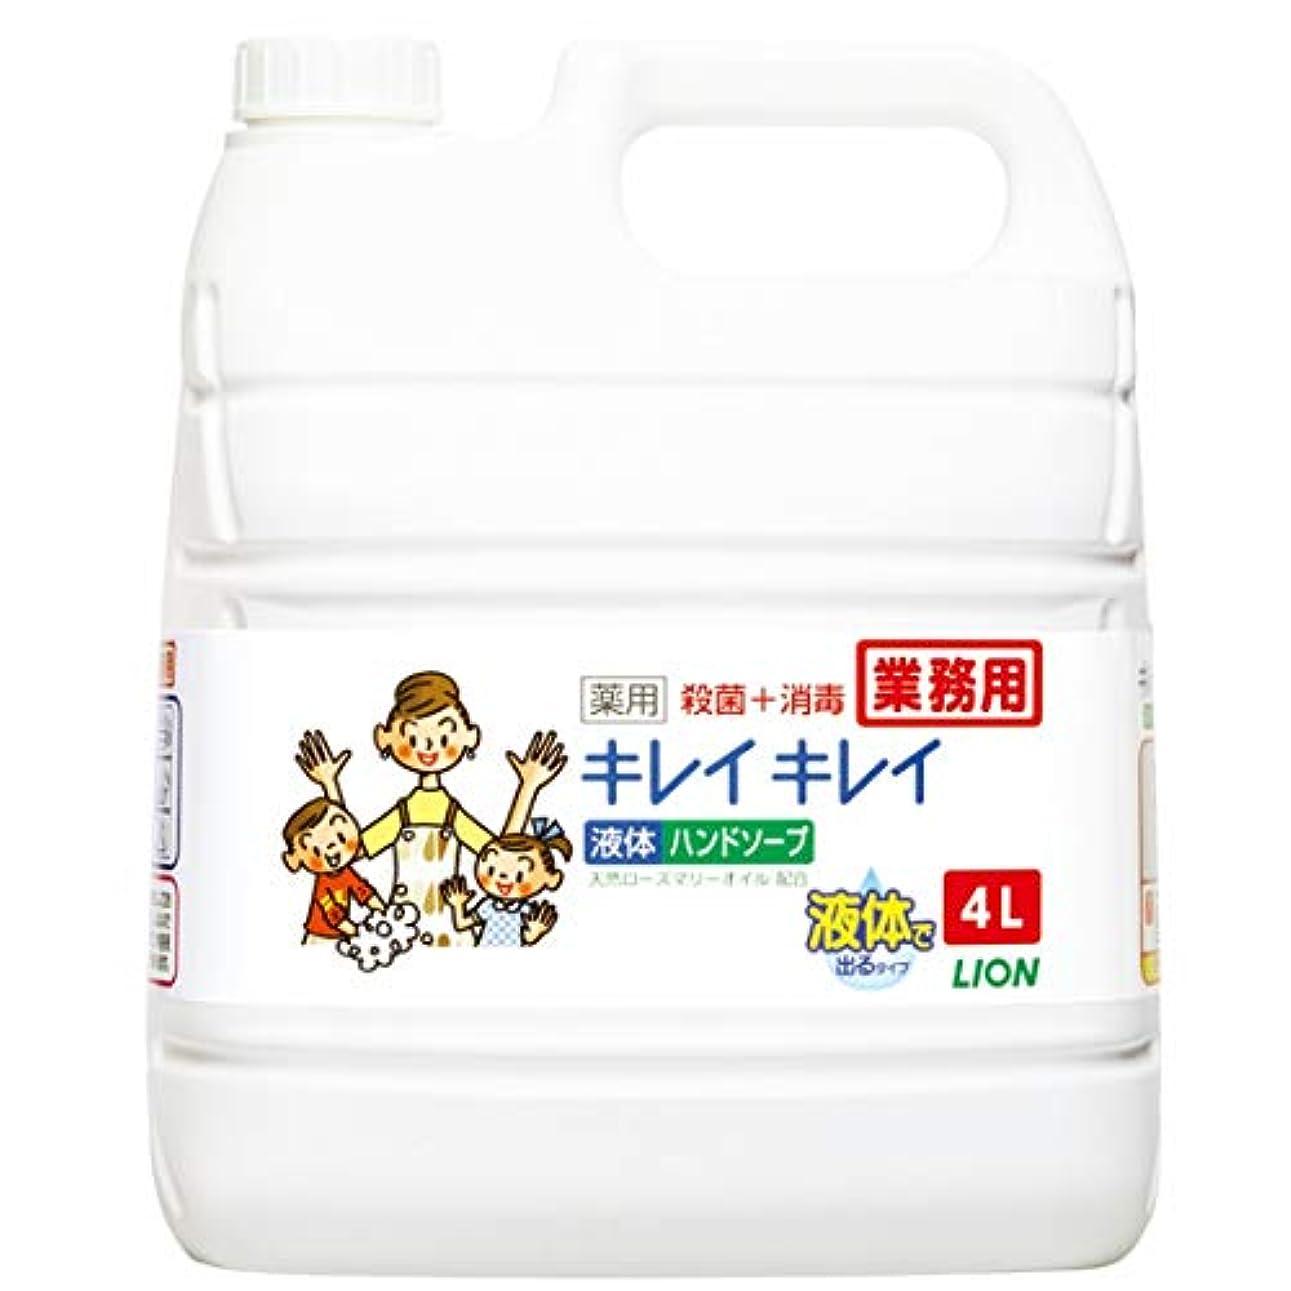 海外クレデンシャル複雑【業務用 大容量】キレイキレイ 薬用 ハンドソープ  4L(医薬部外品)